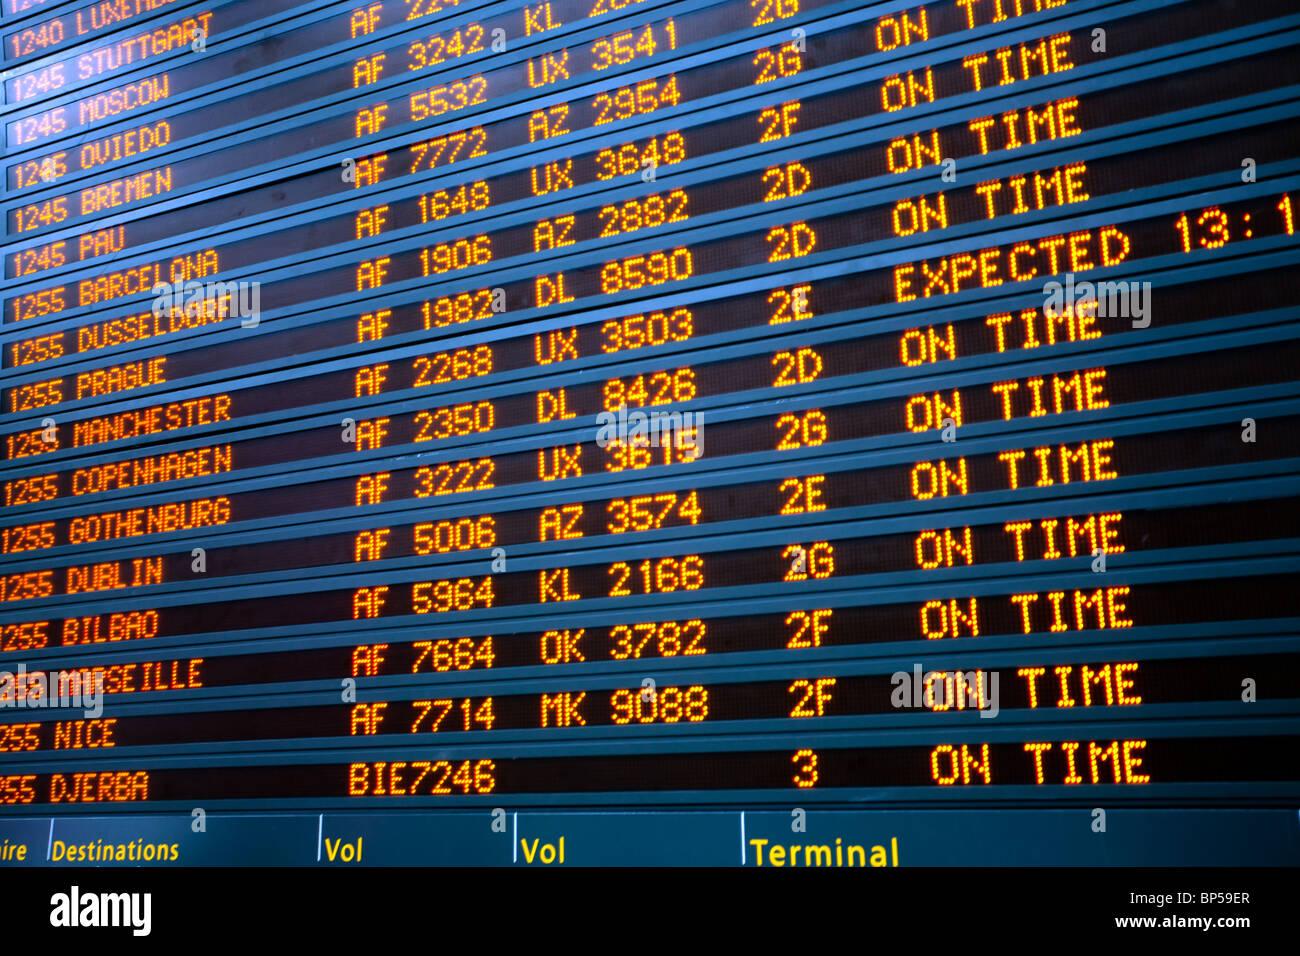 Flugzeug Abfahrt In Flughafen Paris Charles De Gaulle Board